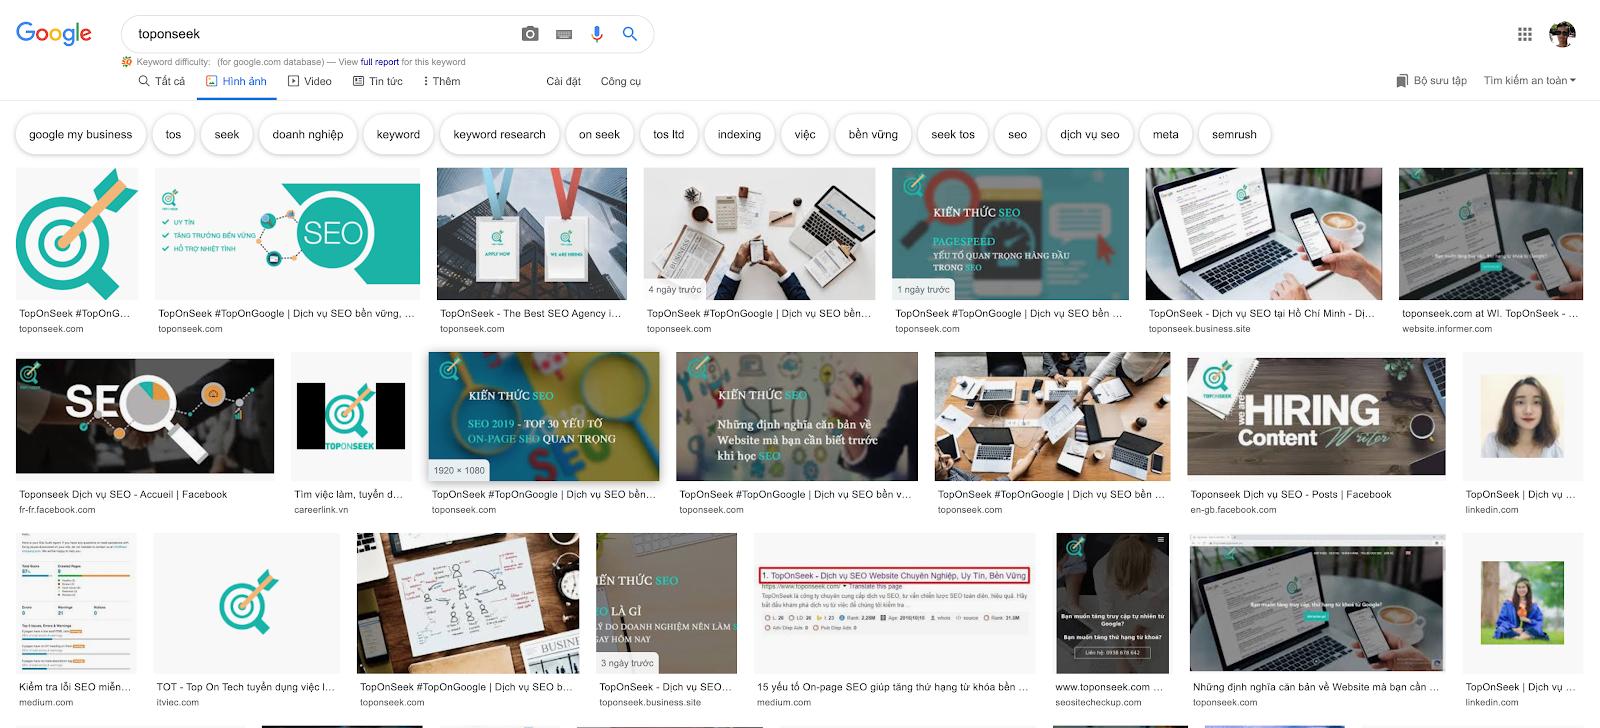 Giao diện mới cho Google Tìm kiếm hình ảnh được phát hành vào cuối tháng 9 năm 2018